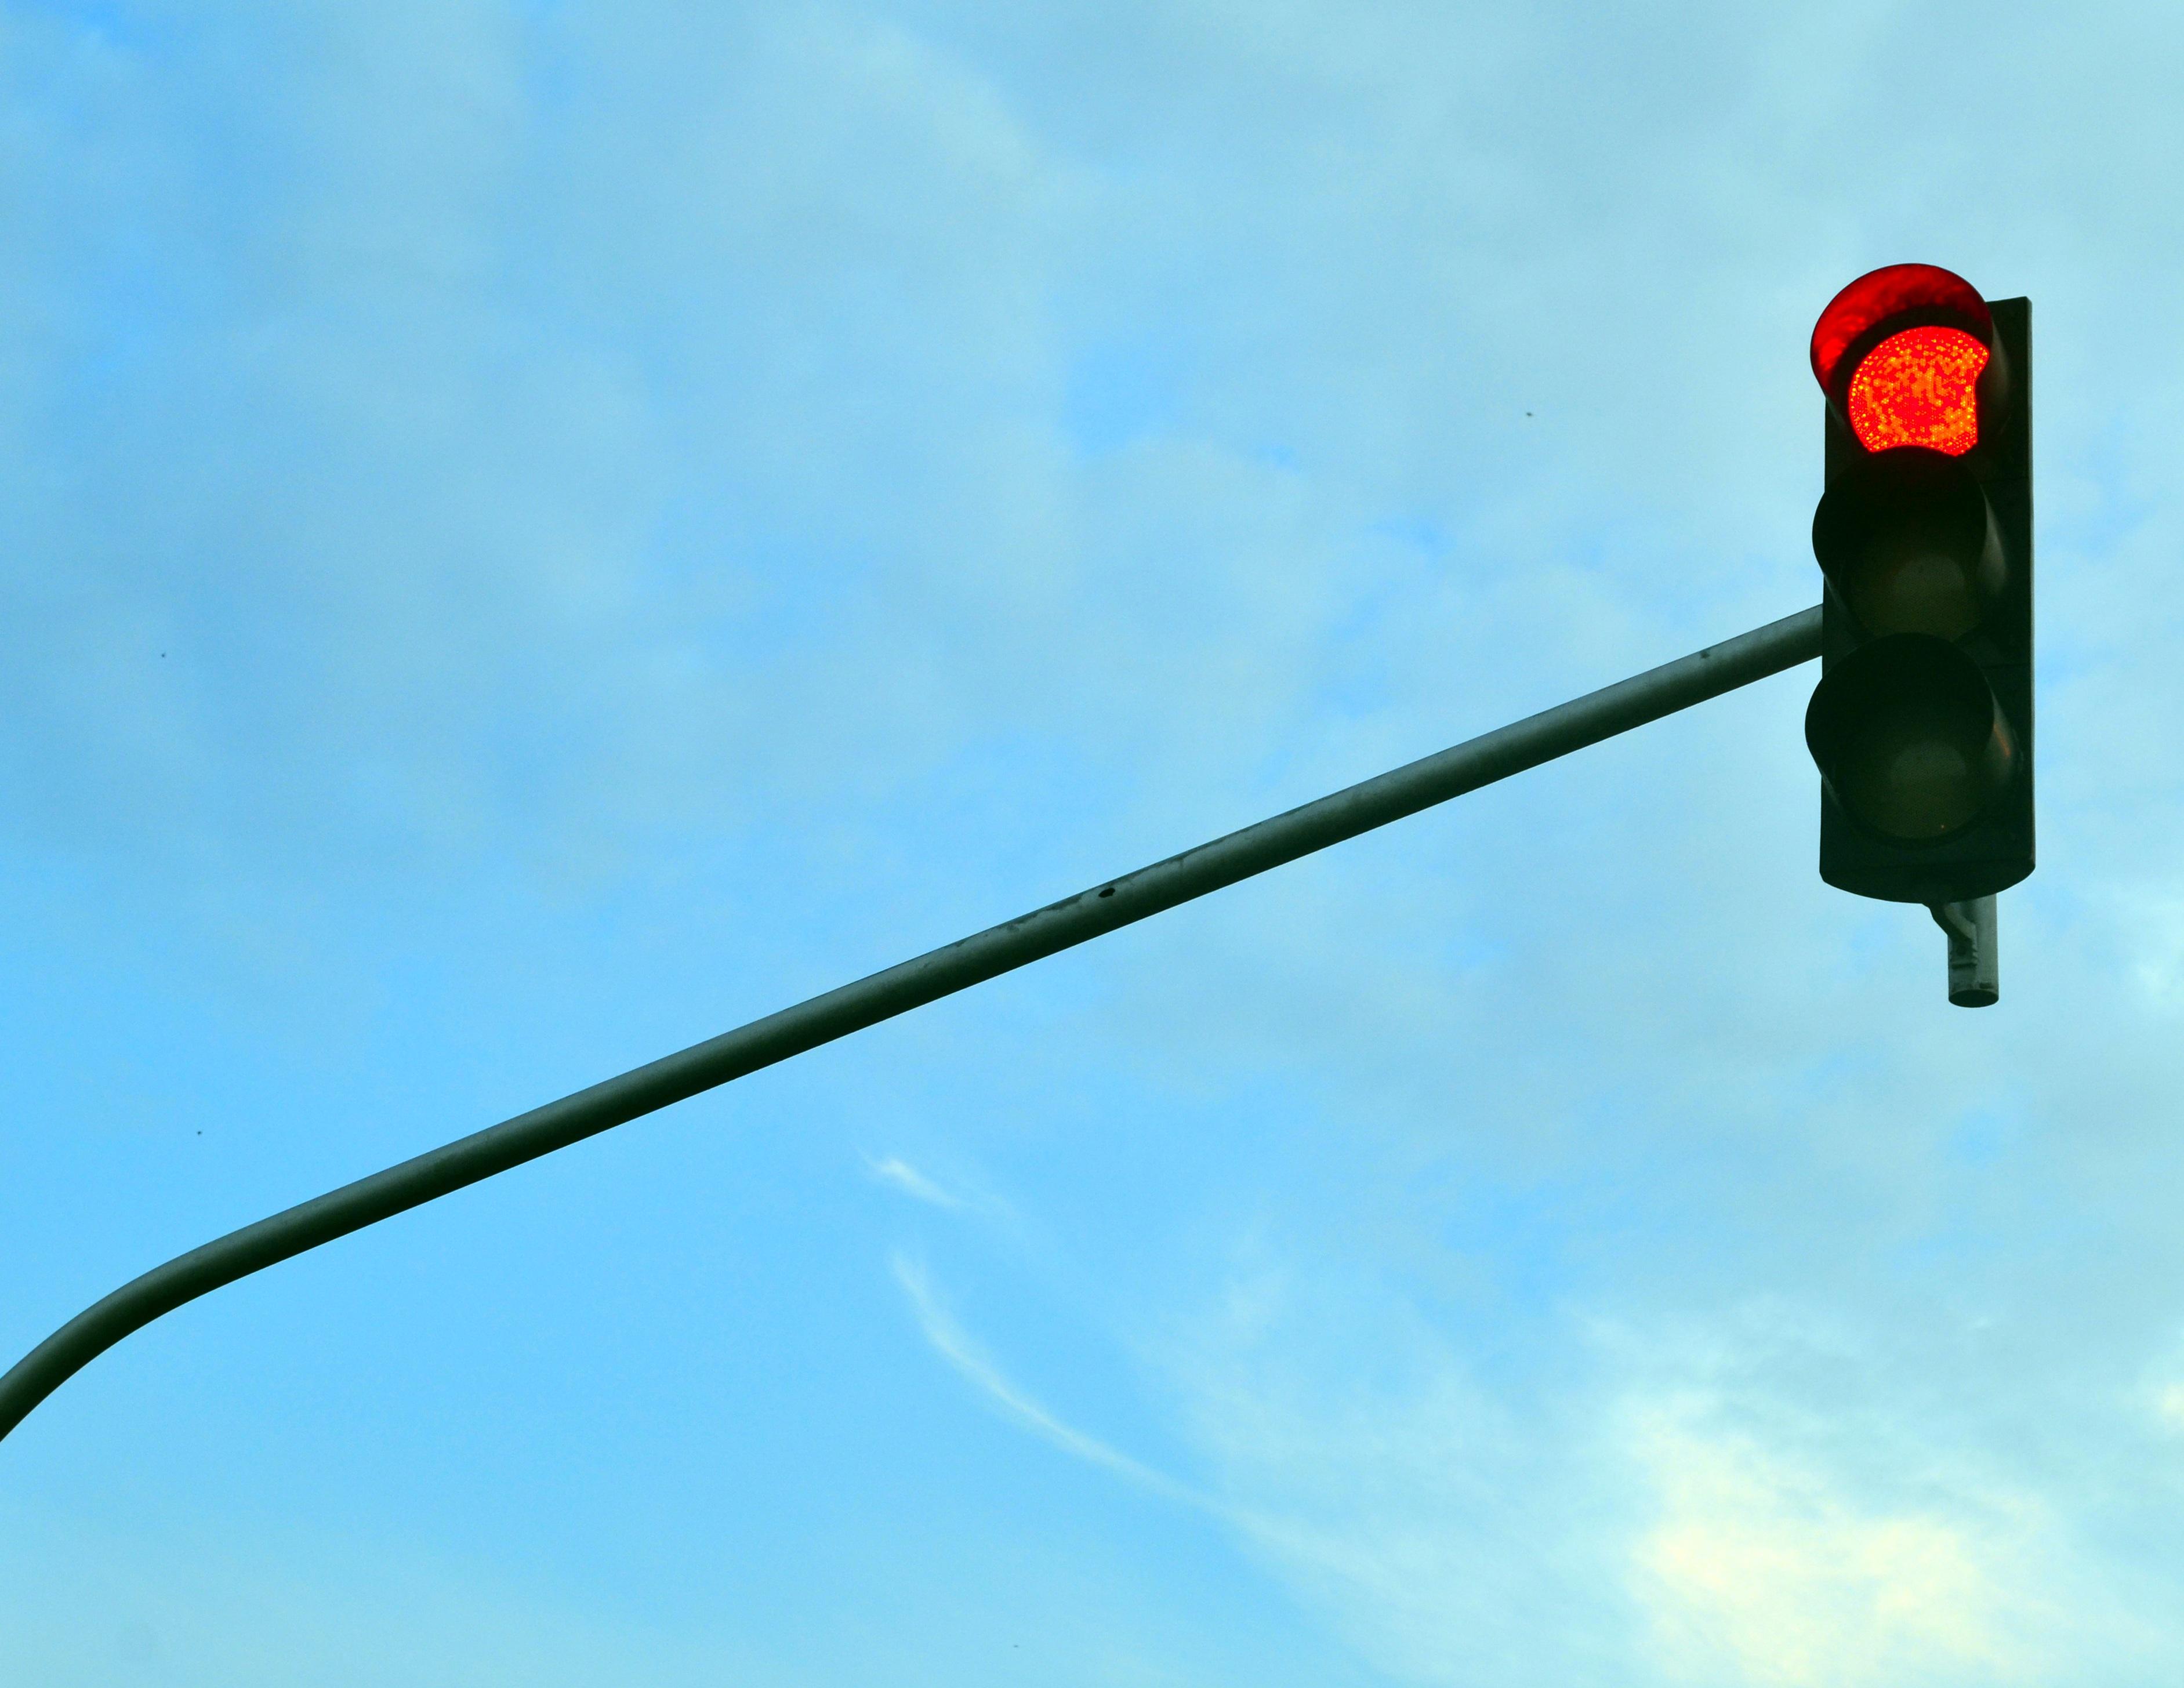 Wie viel Geld kostet eine – Wirkung Rotlicht – Rotlichtlampe Bei